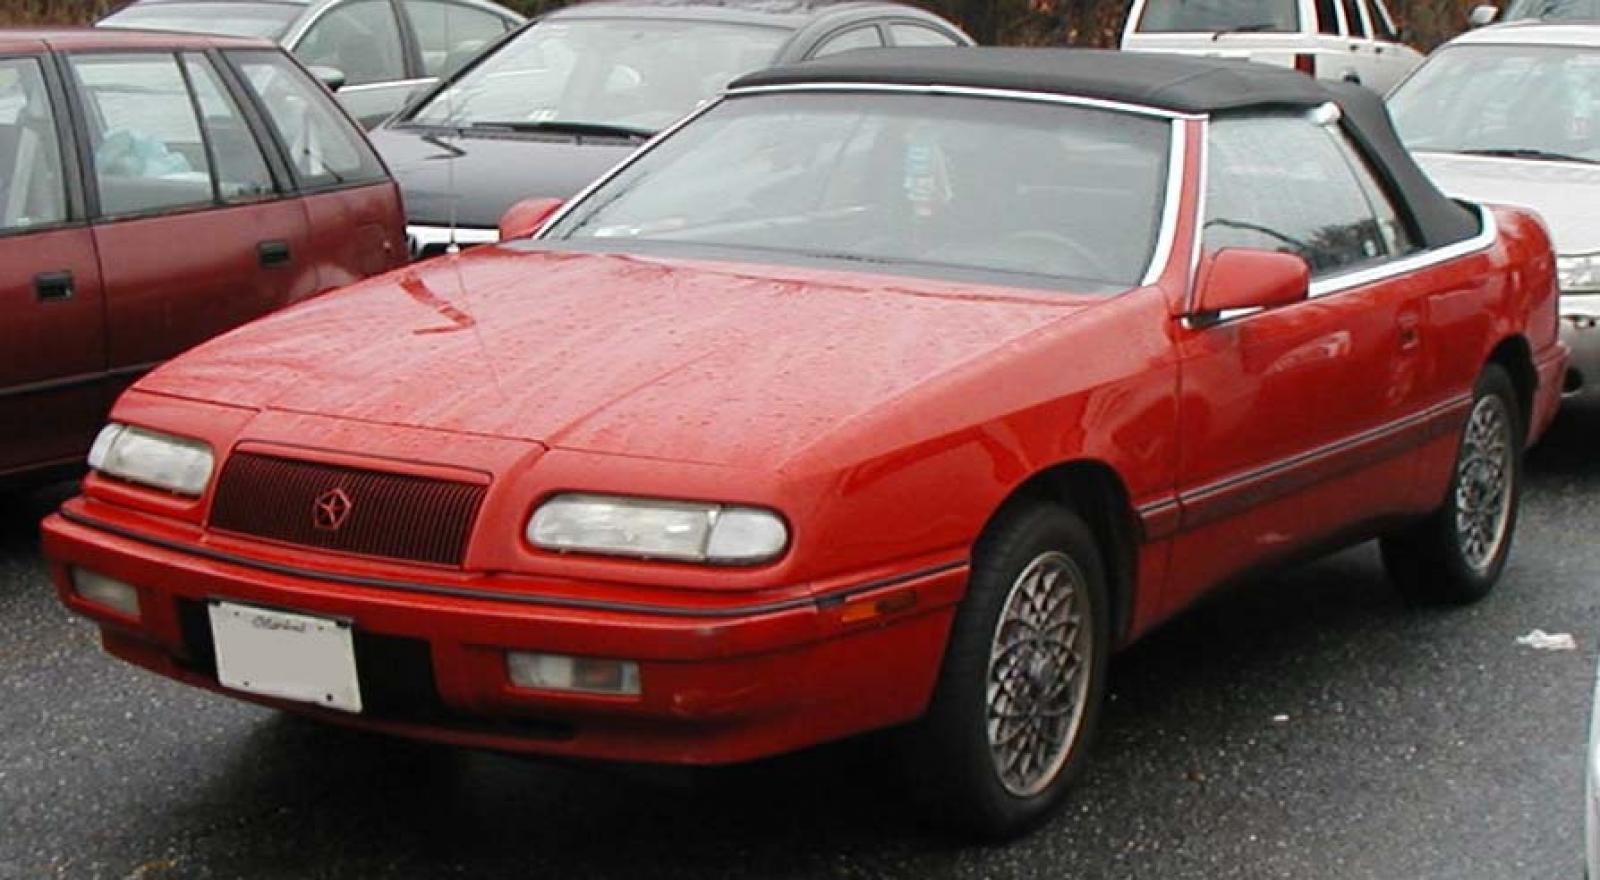 800 1024 1280 1600 Origin 1995 Chrysler